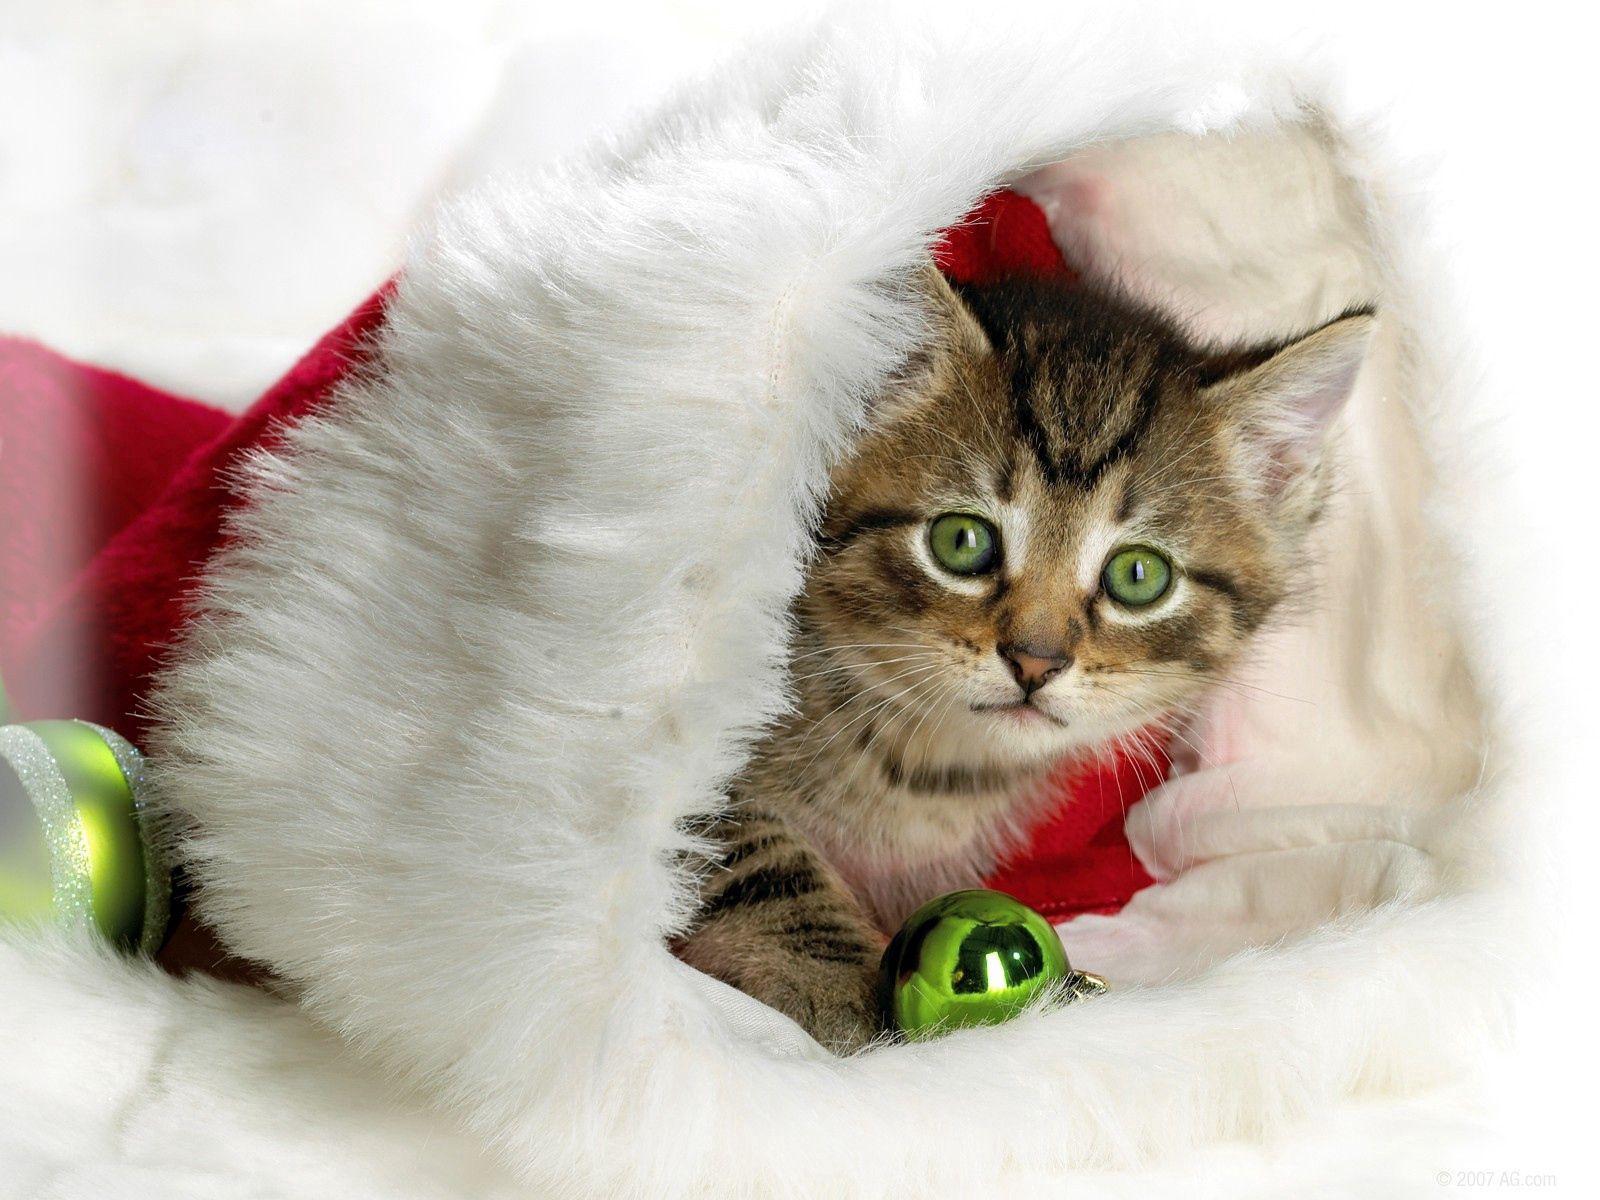 57479 économiseurs d'écran et fonds d'écran Fêtes sur votre téléphone. Téléchargez Fêtes, Noël, Minou, Chaton, Nouvel An, Chapeau, Attribut images gratuitement